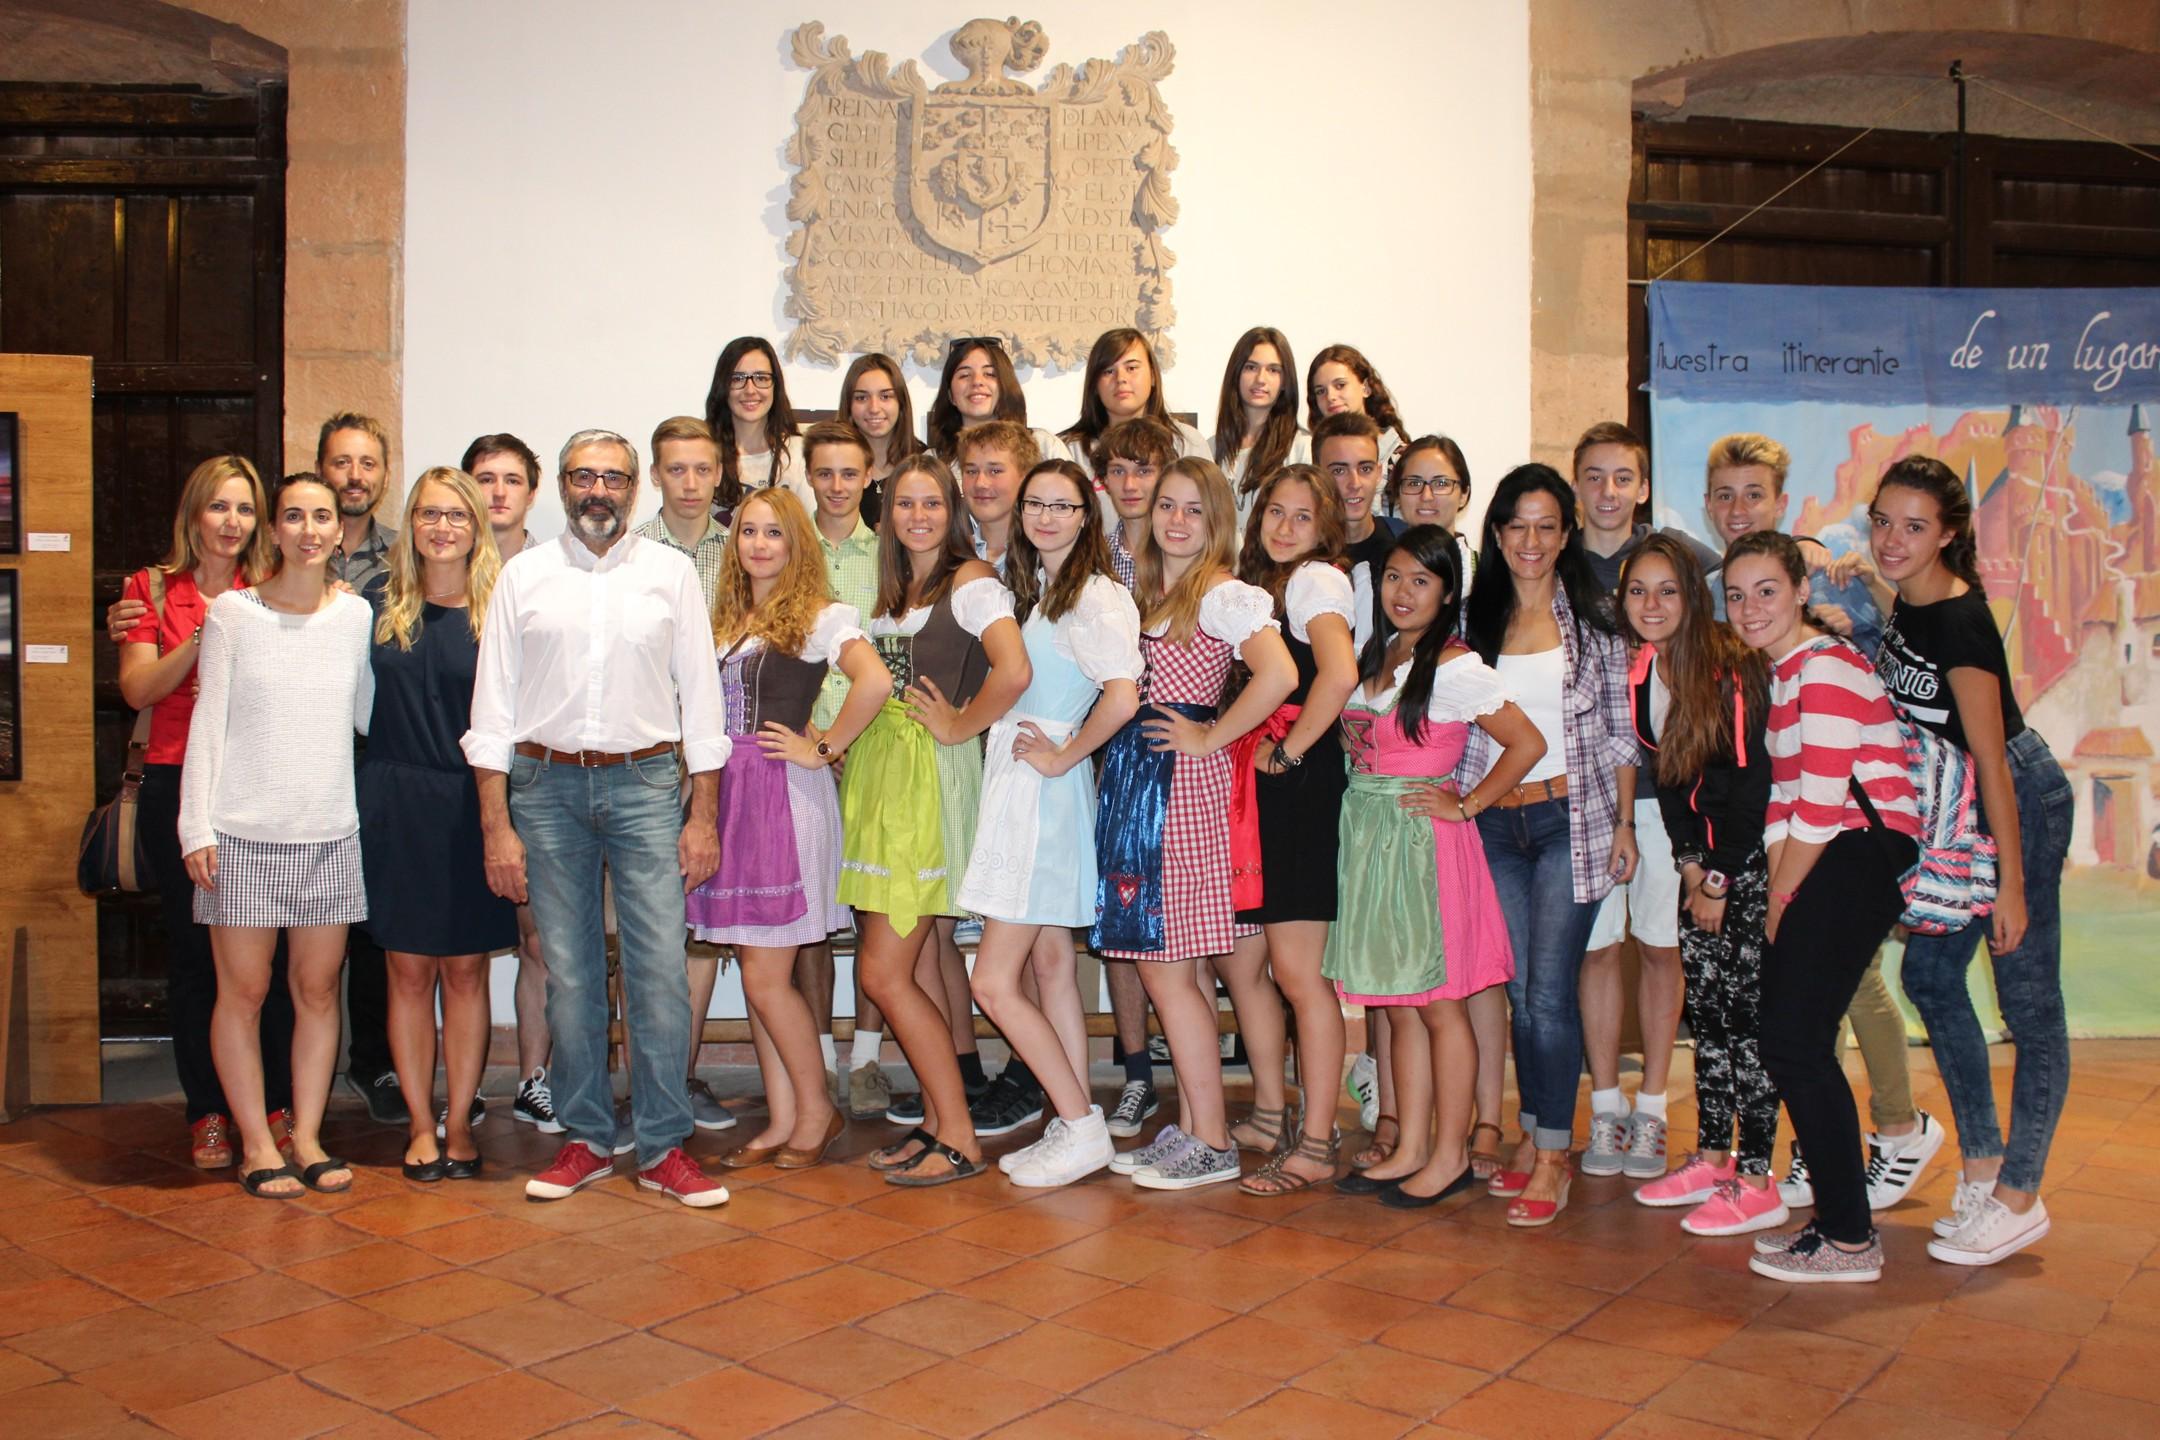 Estudiantes de Alemania visitan Villanueva de los Infantes en un intercambio con alumnado del IES Ramón Giraldo